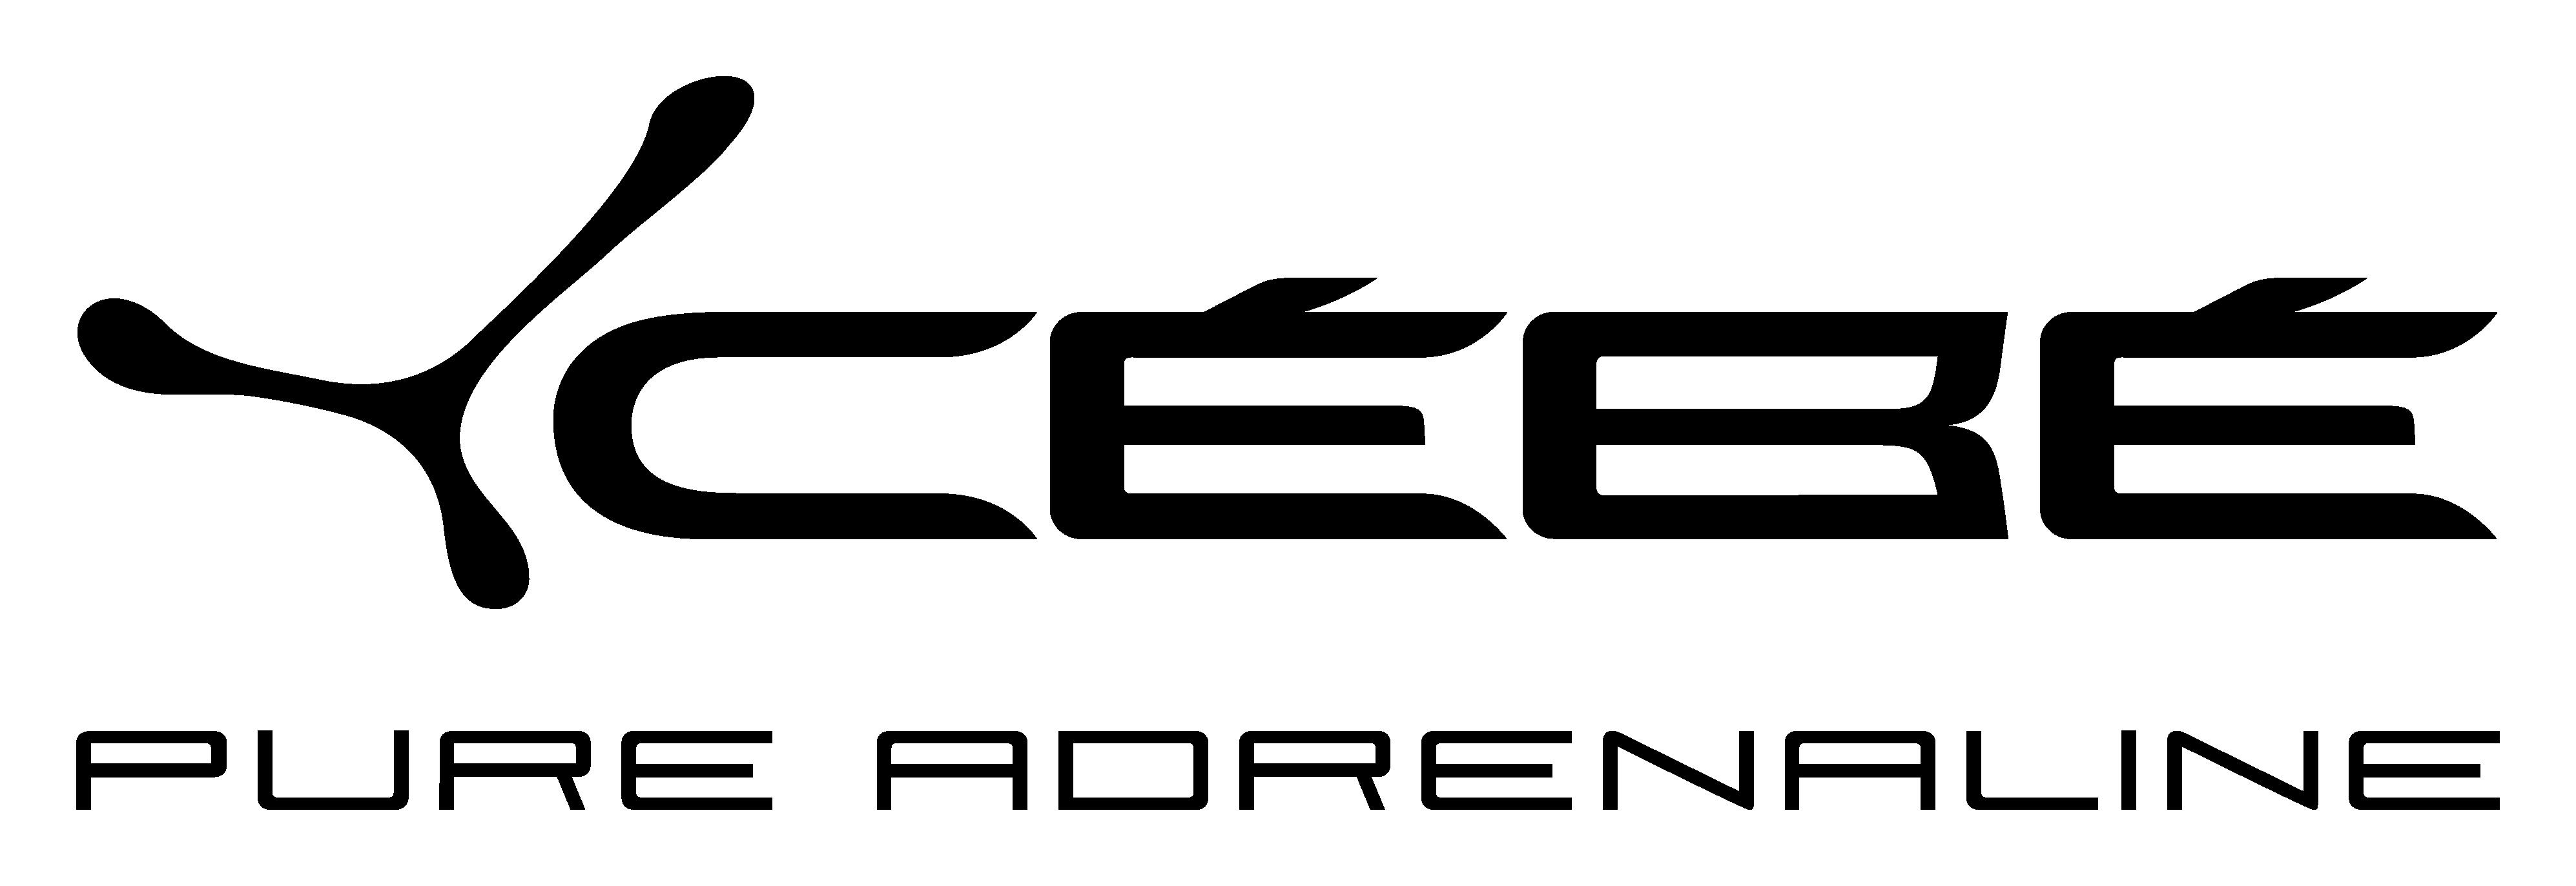 Logo cébé